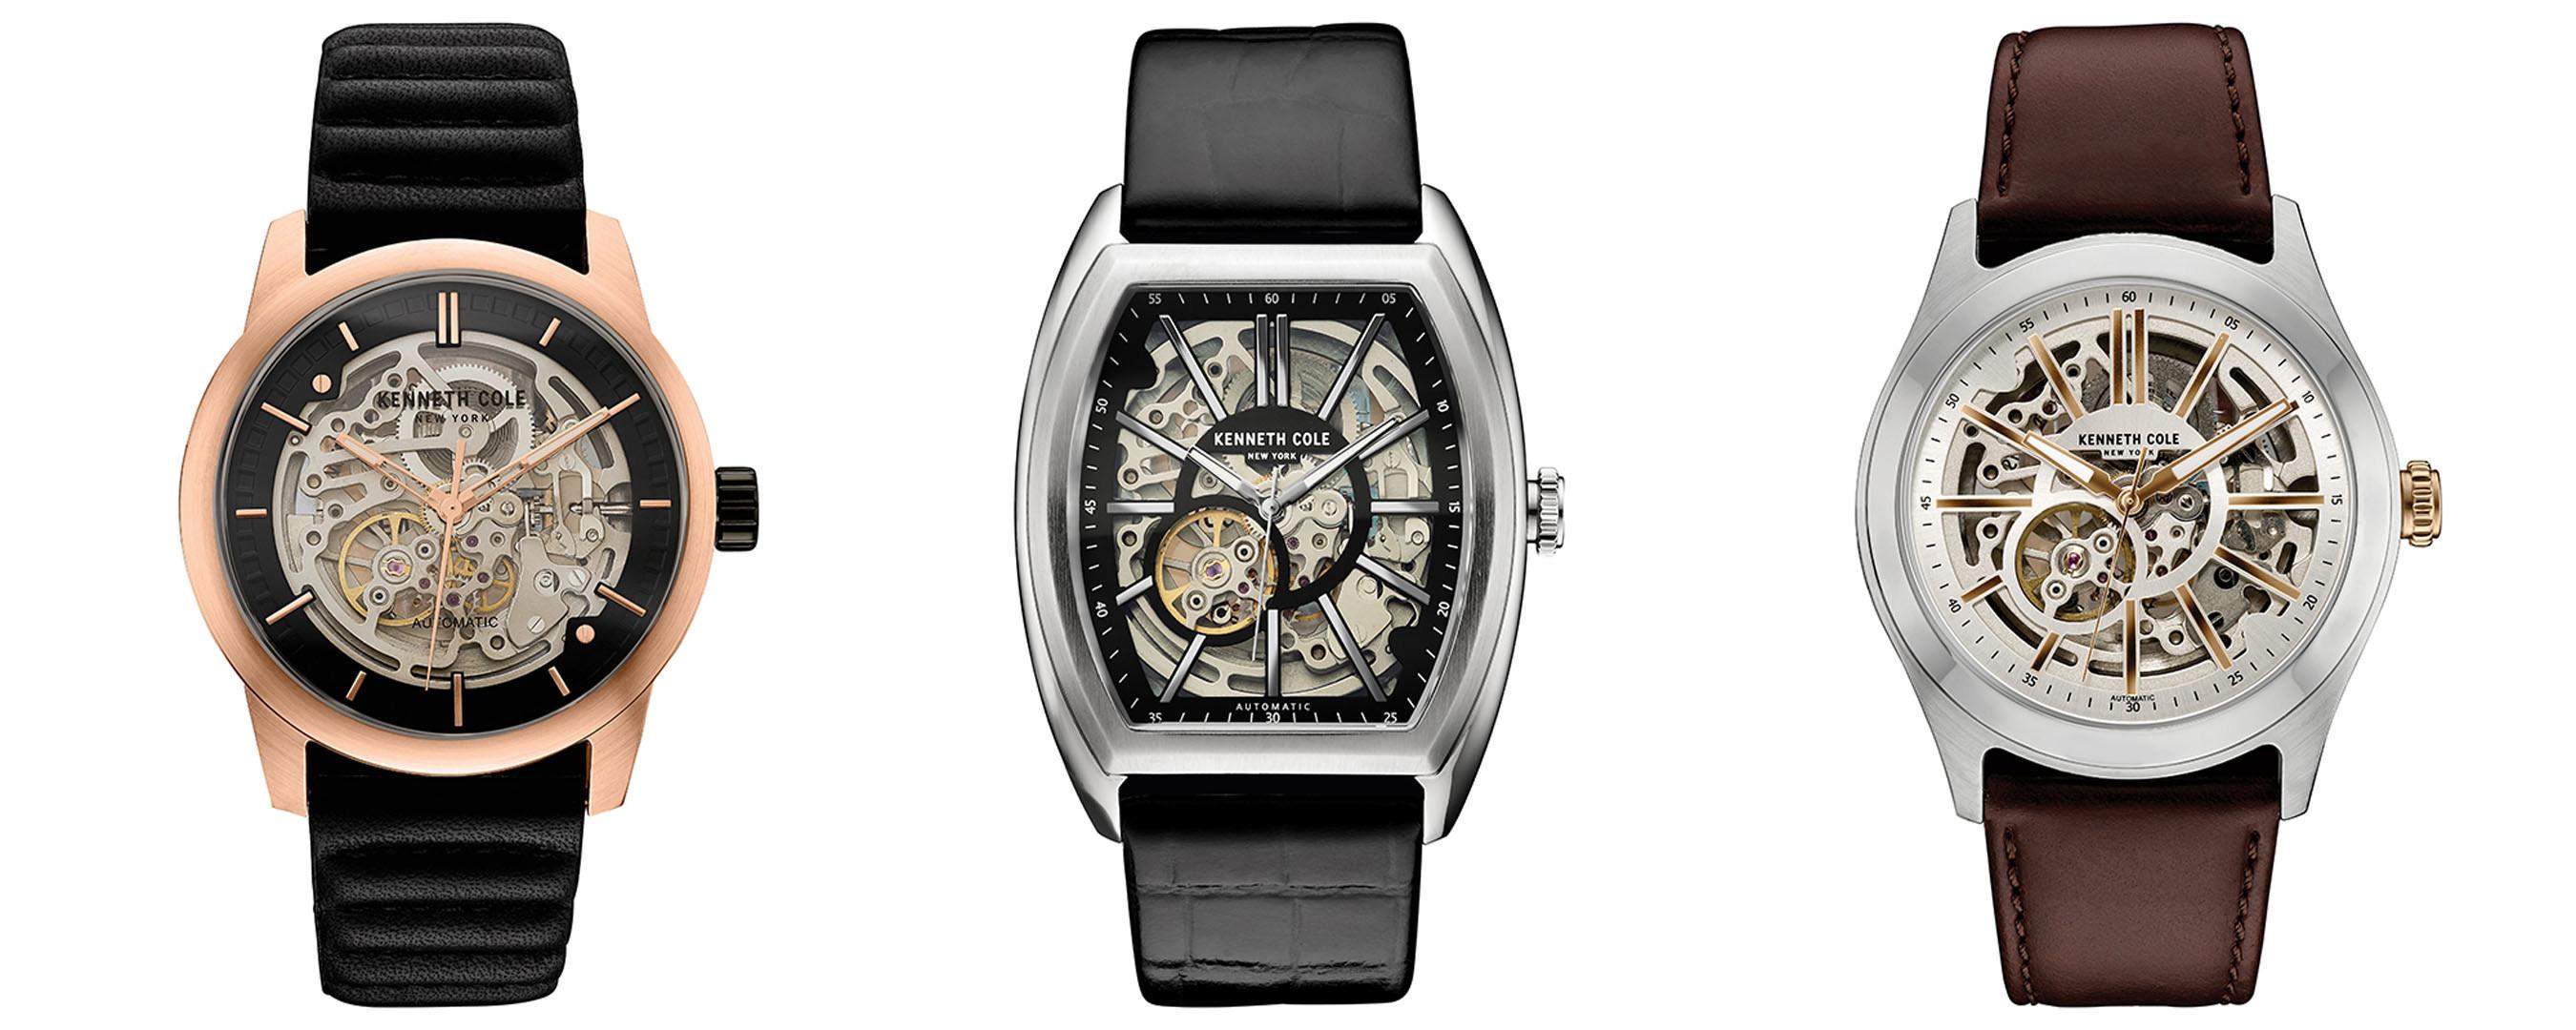 0eb5dc9146d Kenneth Cole apresenta os relógios automáticos das suas coleções para  outono inverno 2016